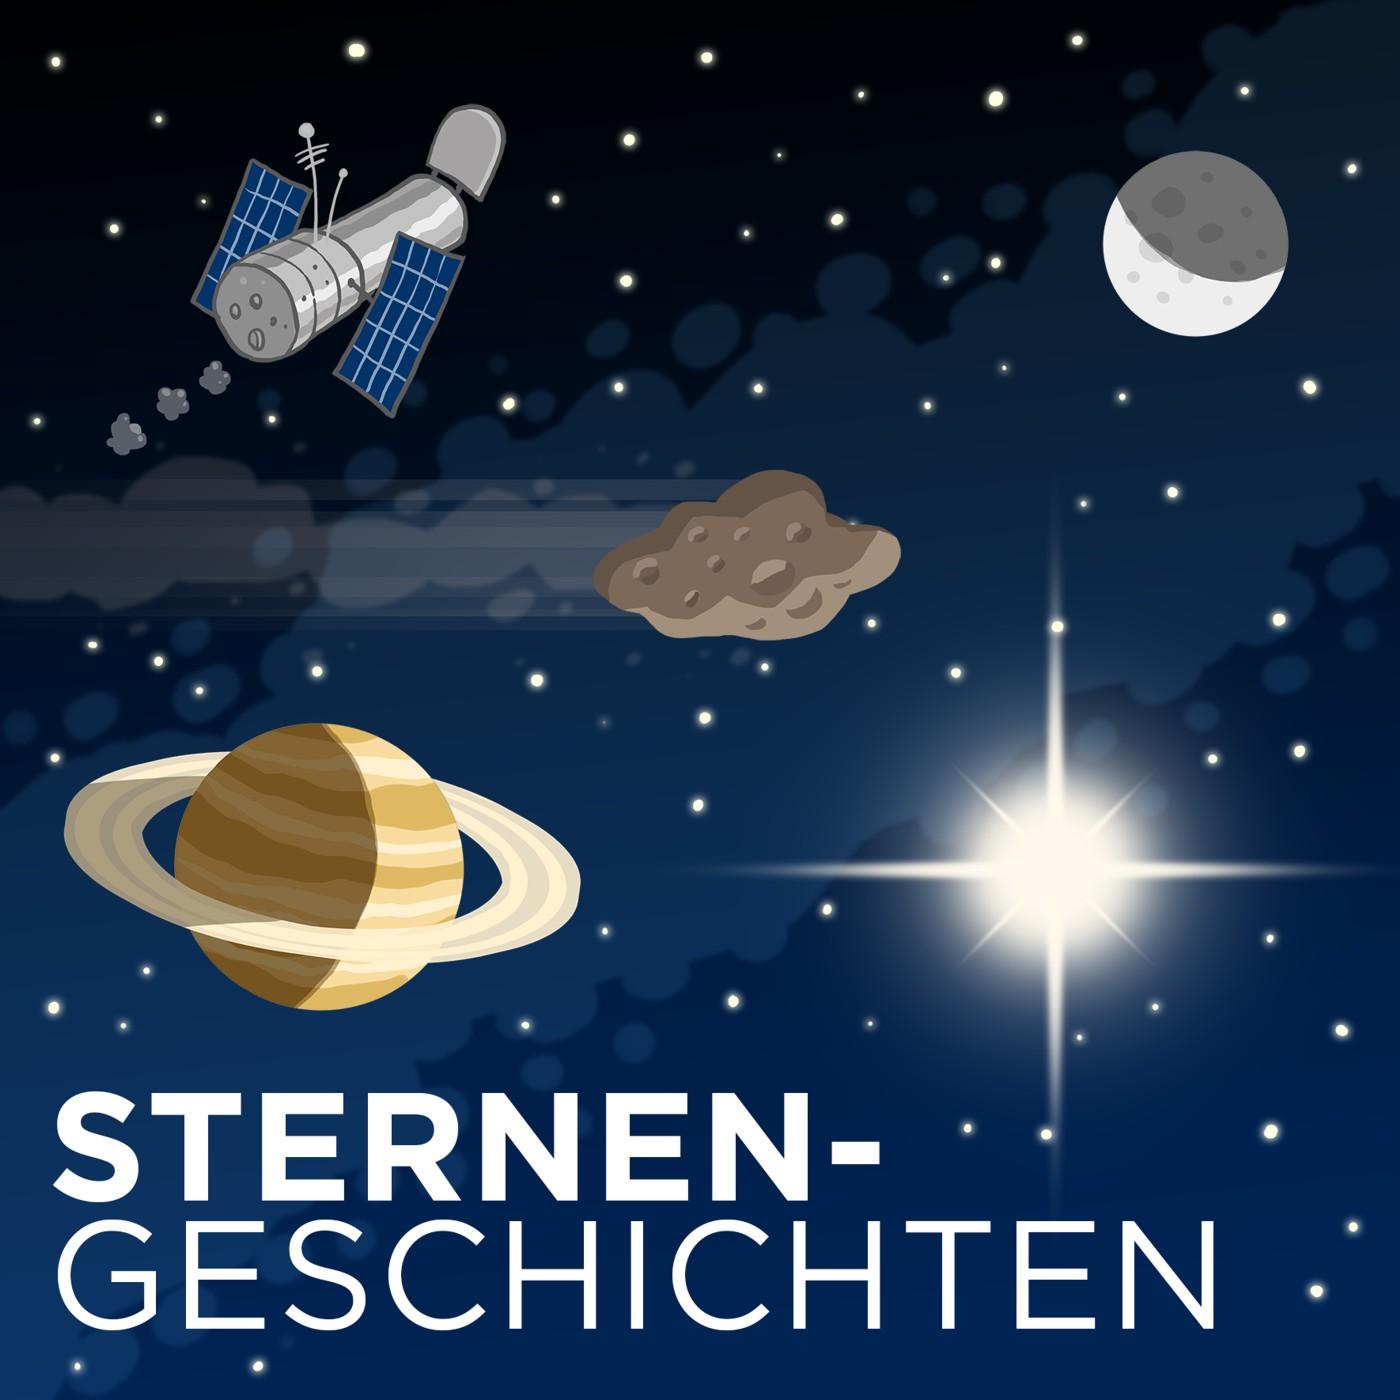 Sternengeschichten Folge 360: Ist Astronomie die älteste Wissenschaft?